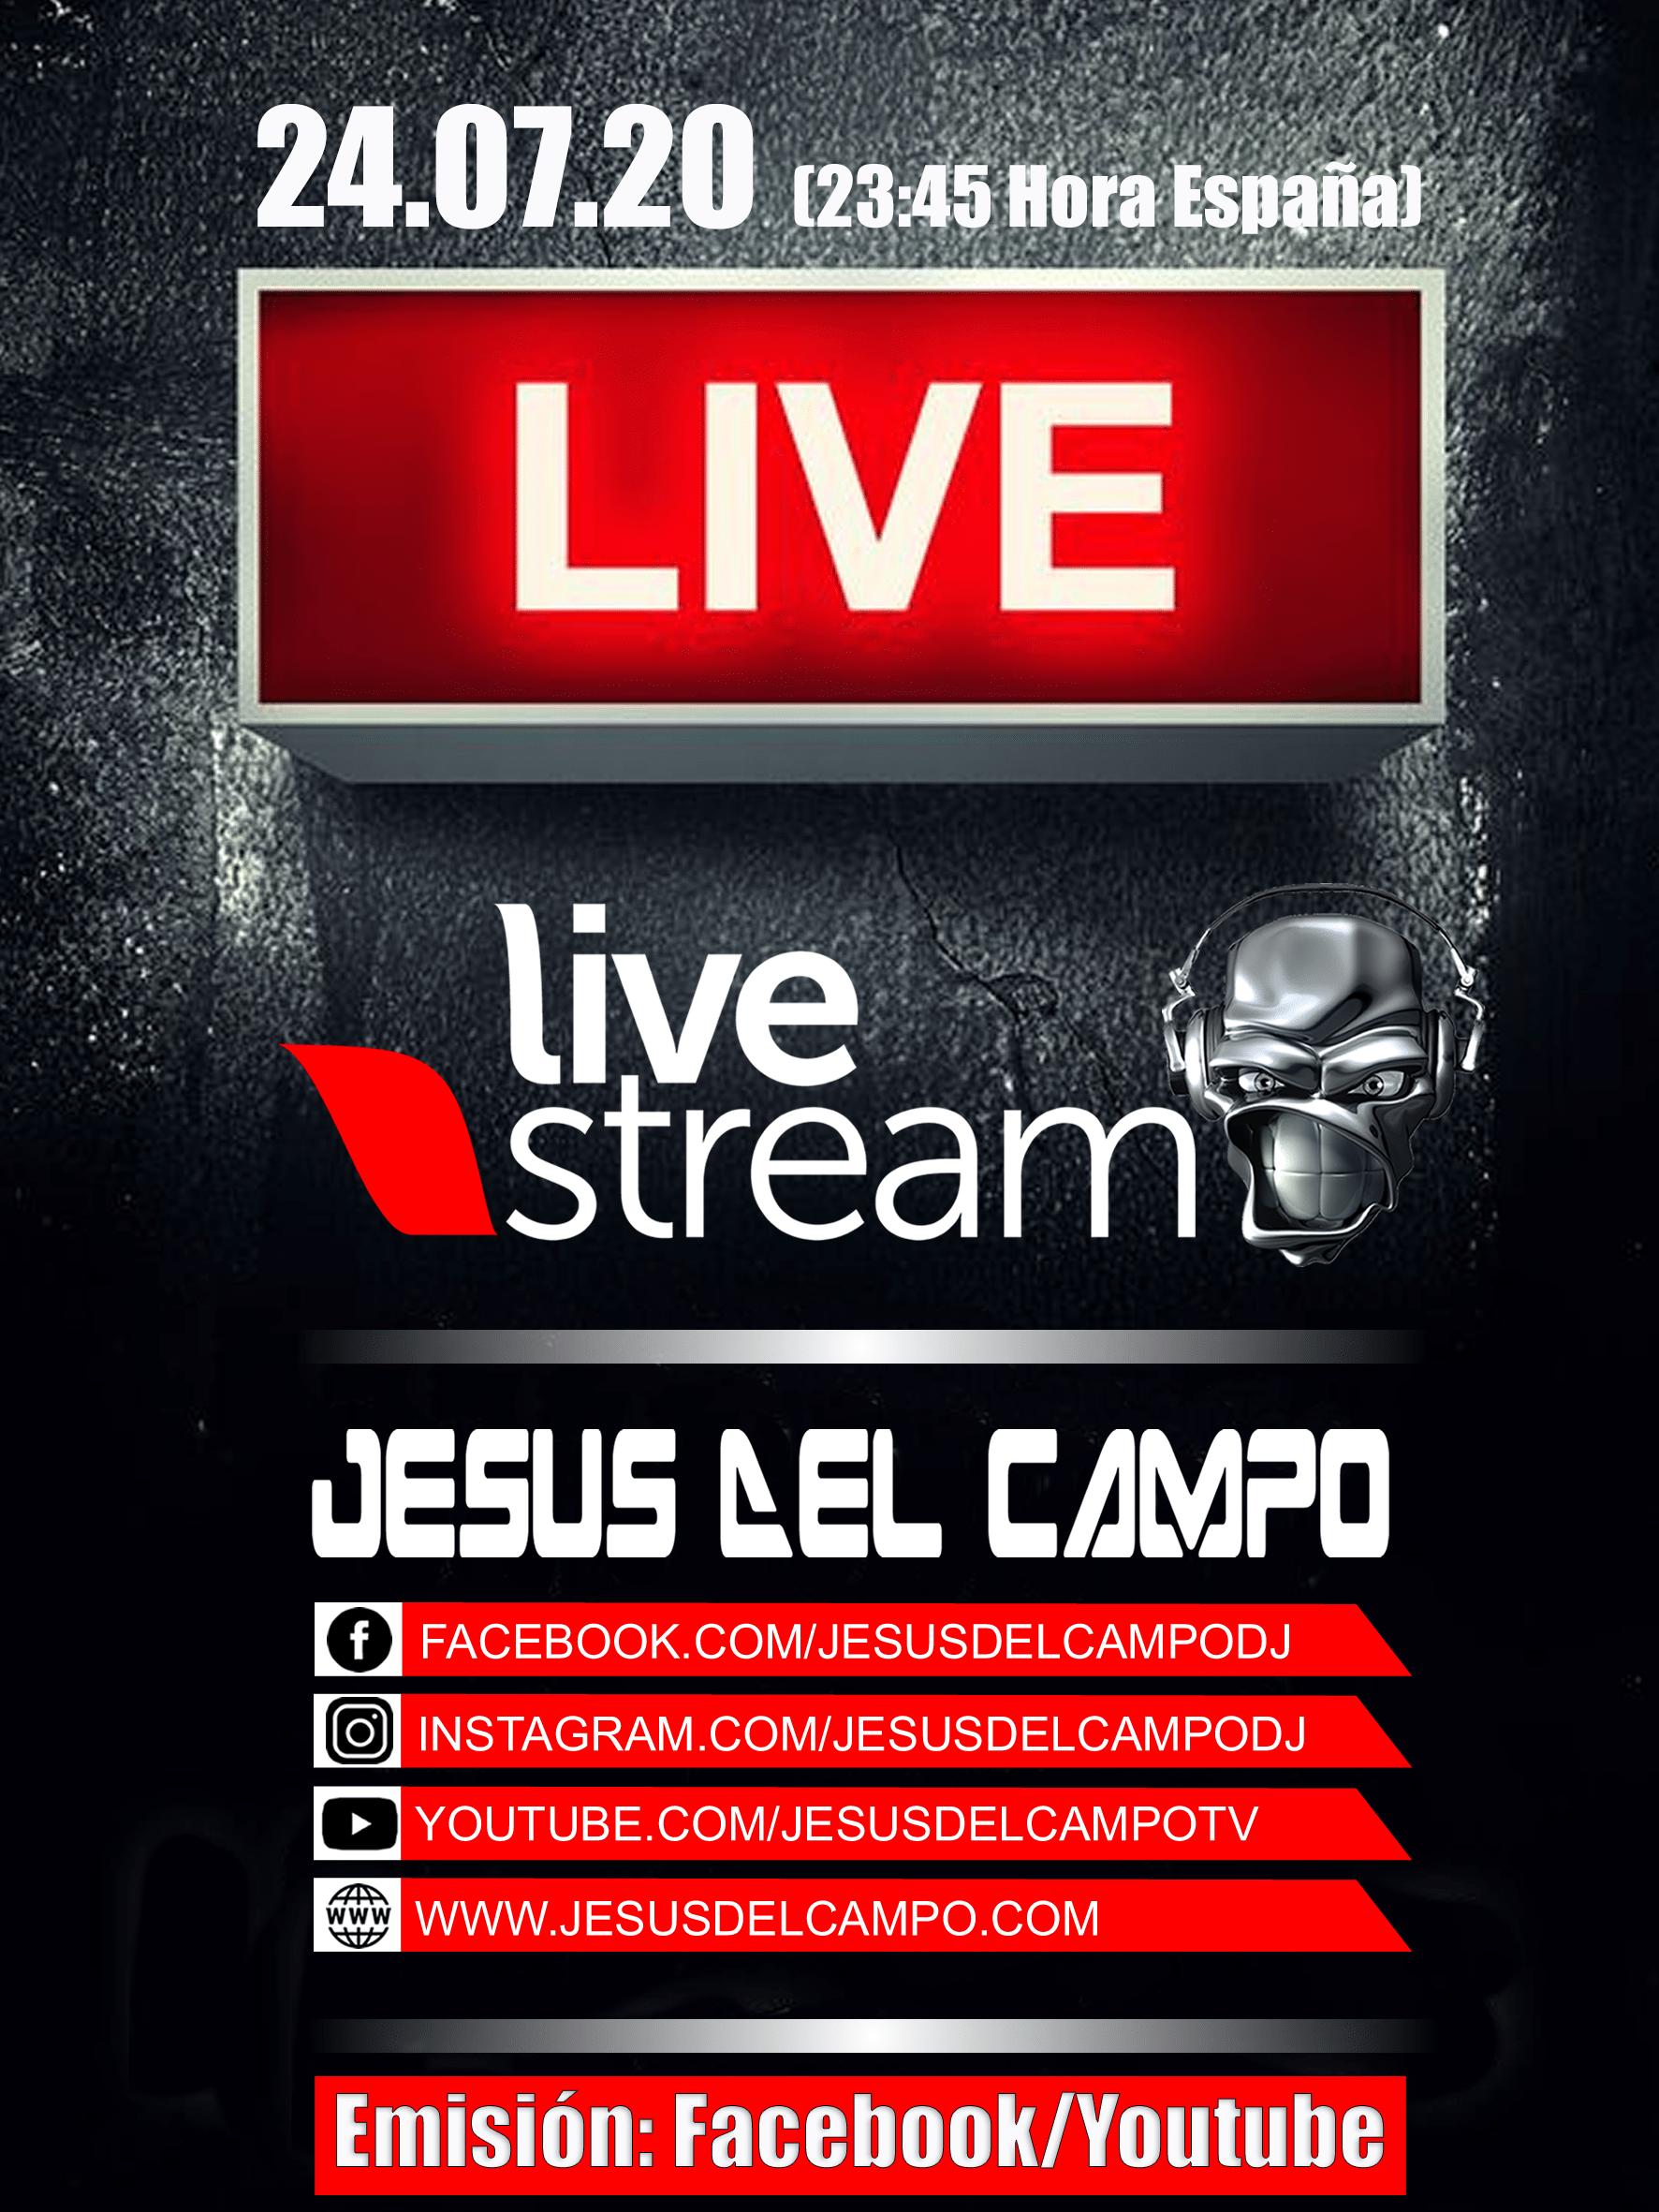 flyer Live Stream 24 jul 2020 jesus del campo